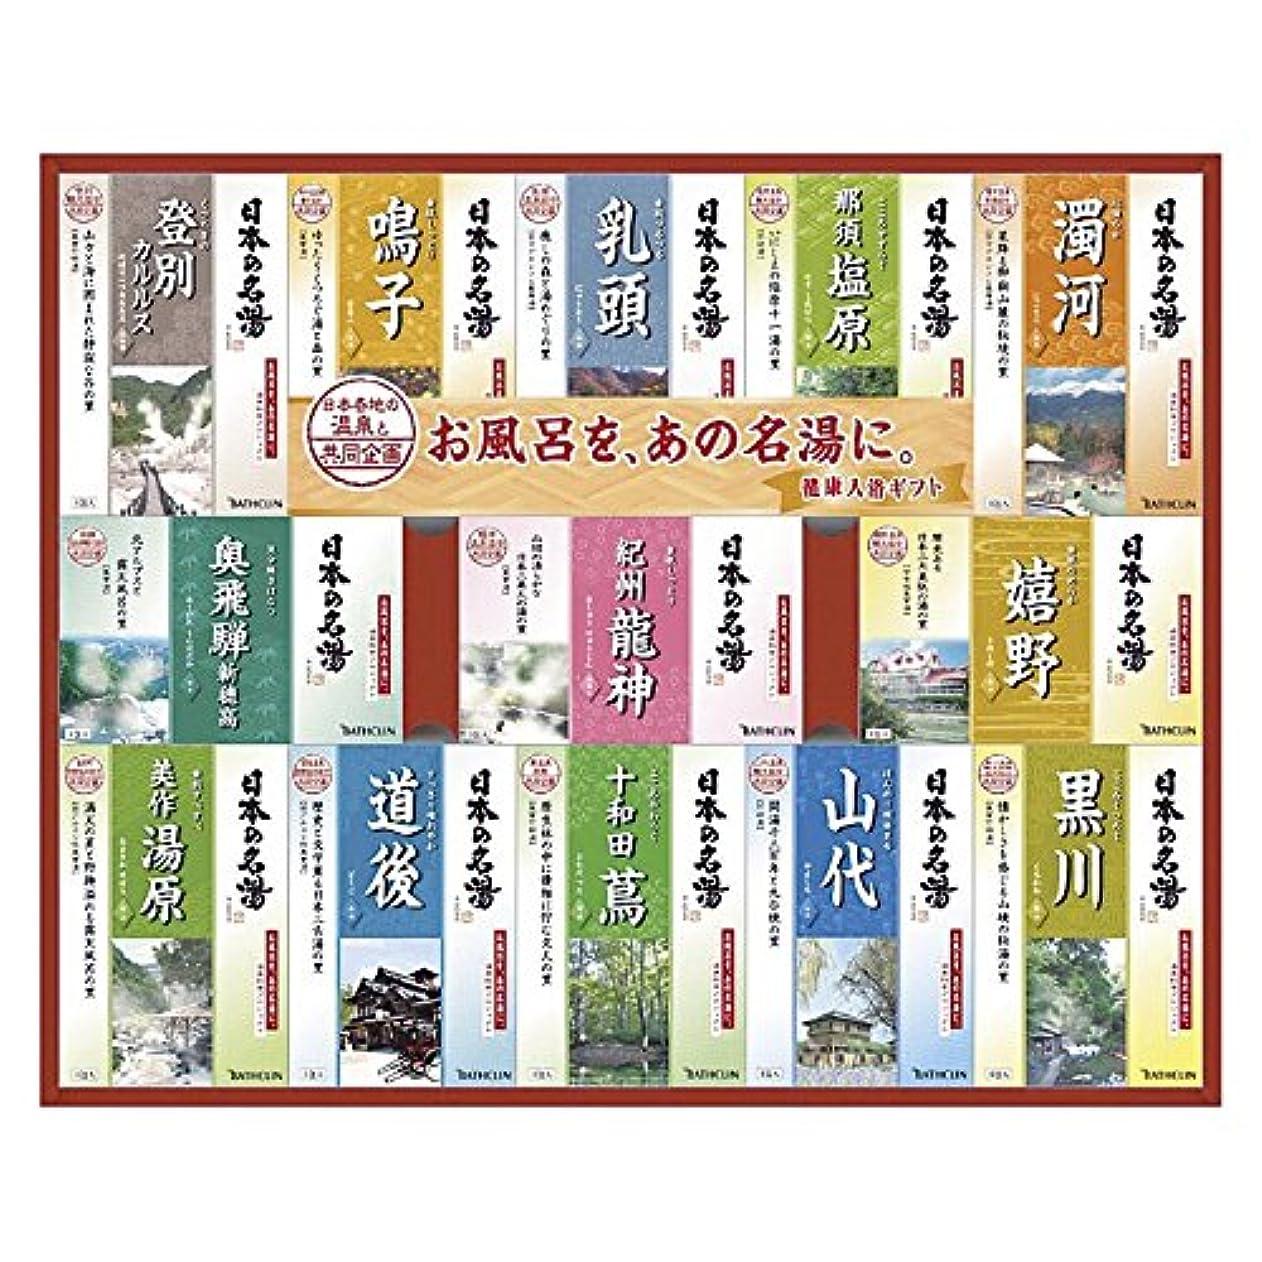 イヤホン権利を与えるばかバスクリン 日本の名湯 ギフトセット NMG-50F 【個包装 セット 詰め合わせ 疲労回復 ご褒美 贅沢 プチギフト 温まる 温泉 粉 ご当地 まとめ買い 名湯 リラックス 美肌 つめあわせ やさしい やすらぎ】